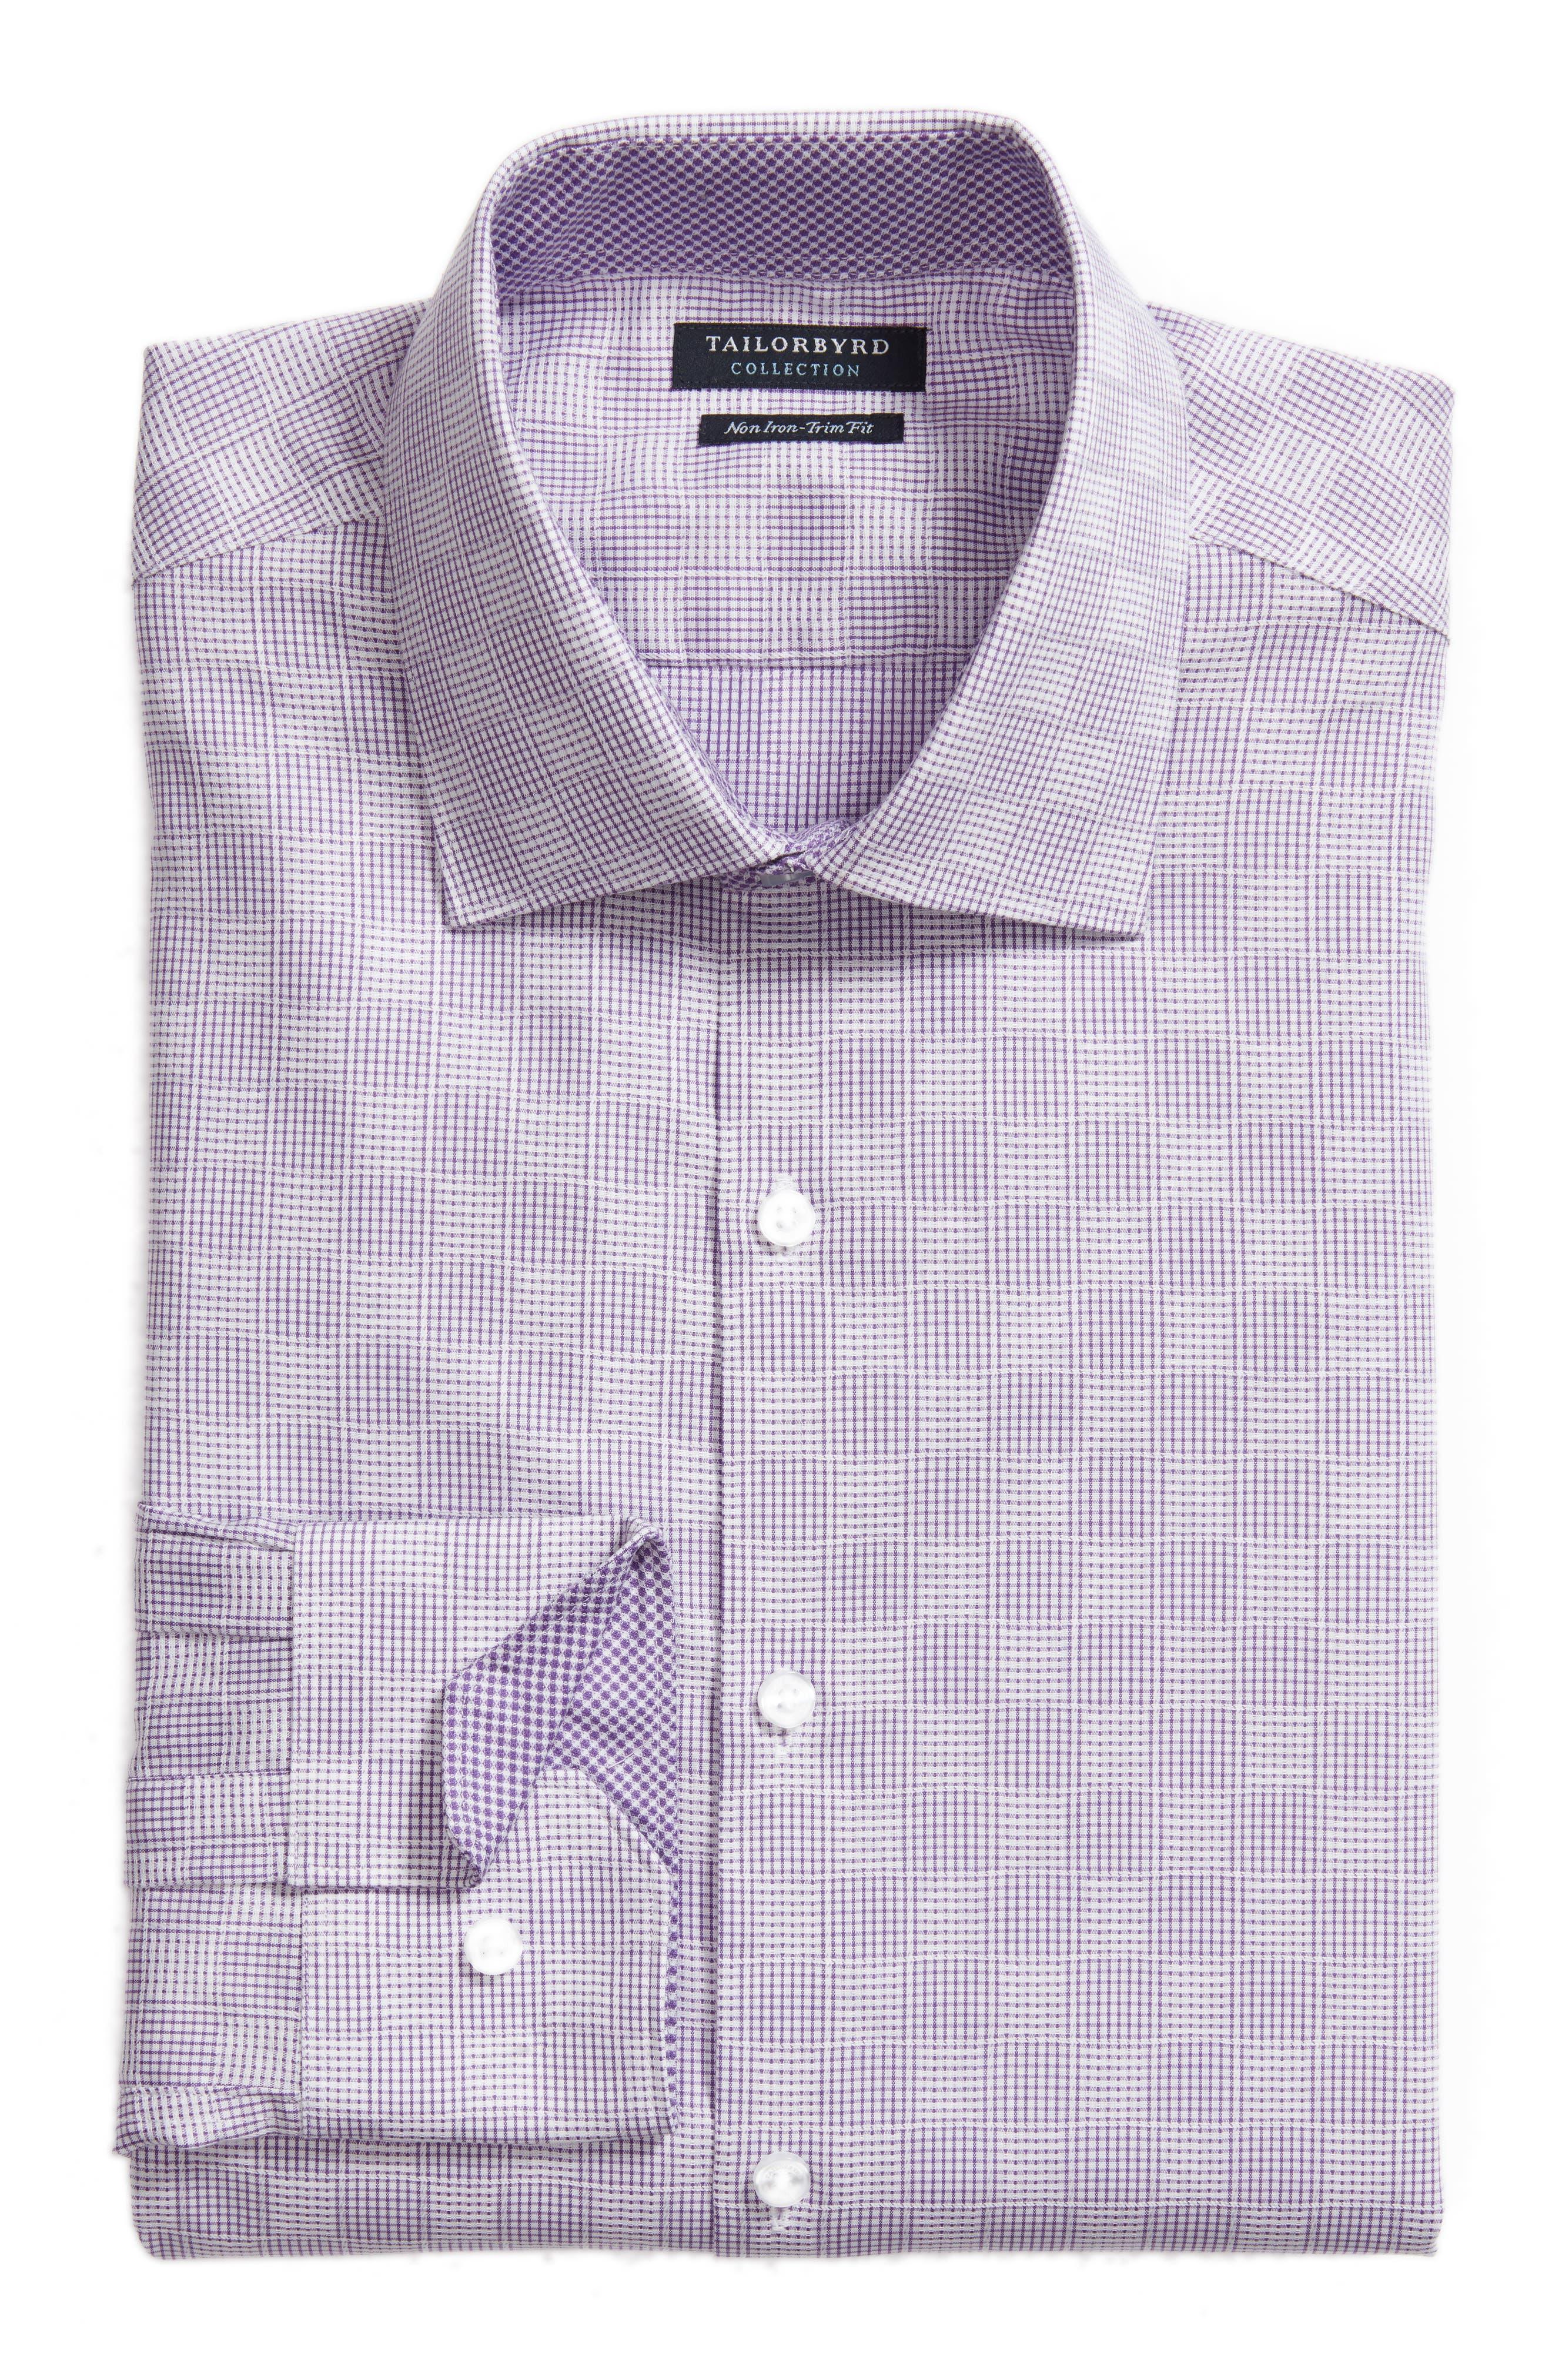 Haper Trim Fit Plaid Dress Shirt,                             Alternate thumbnail 6, color,                             Purple